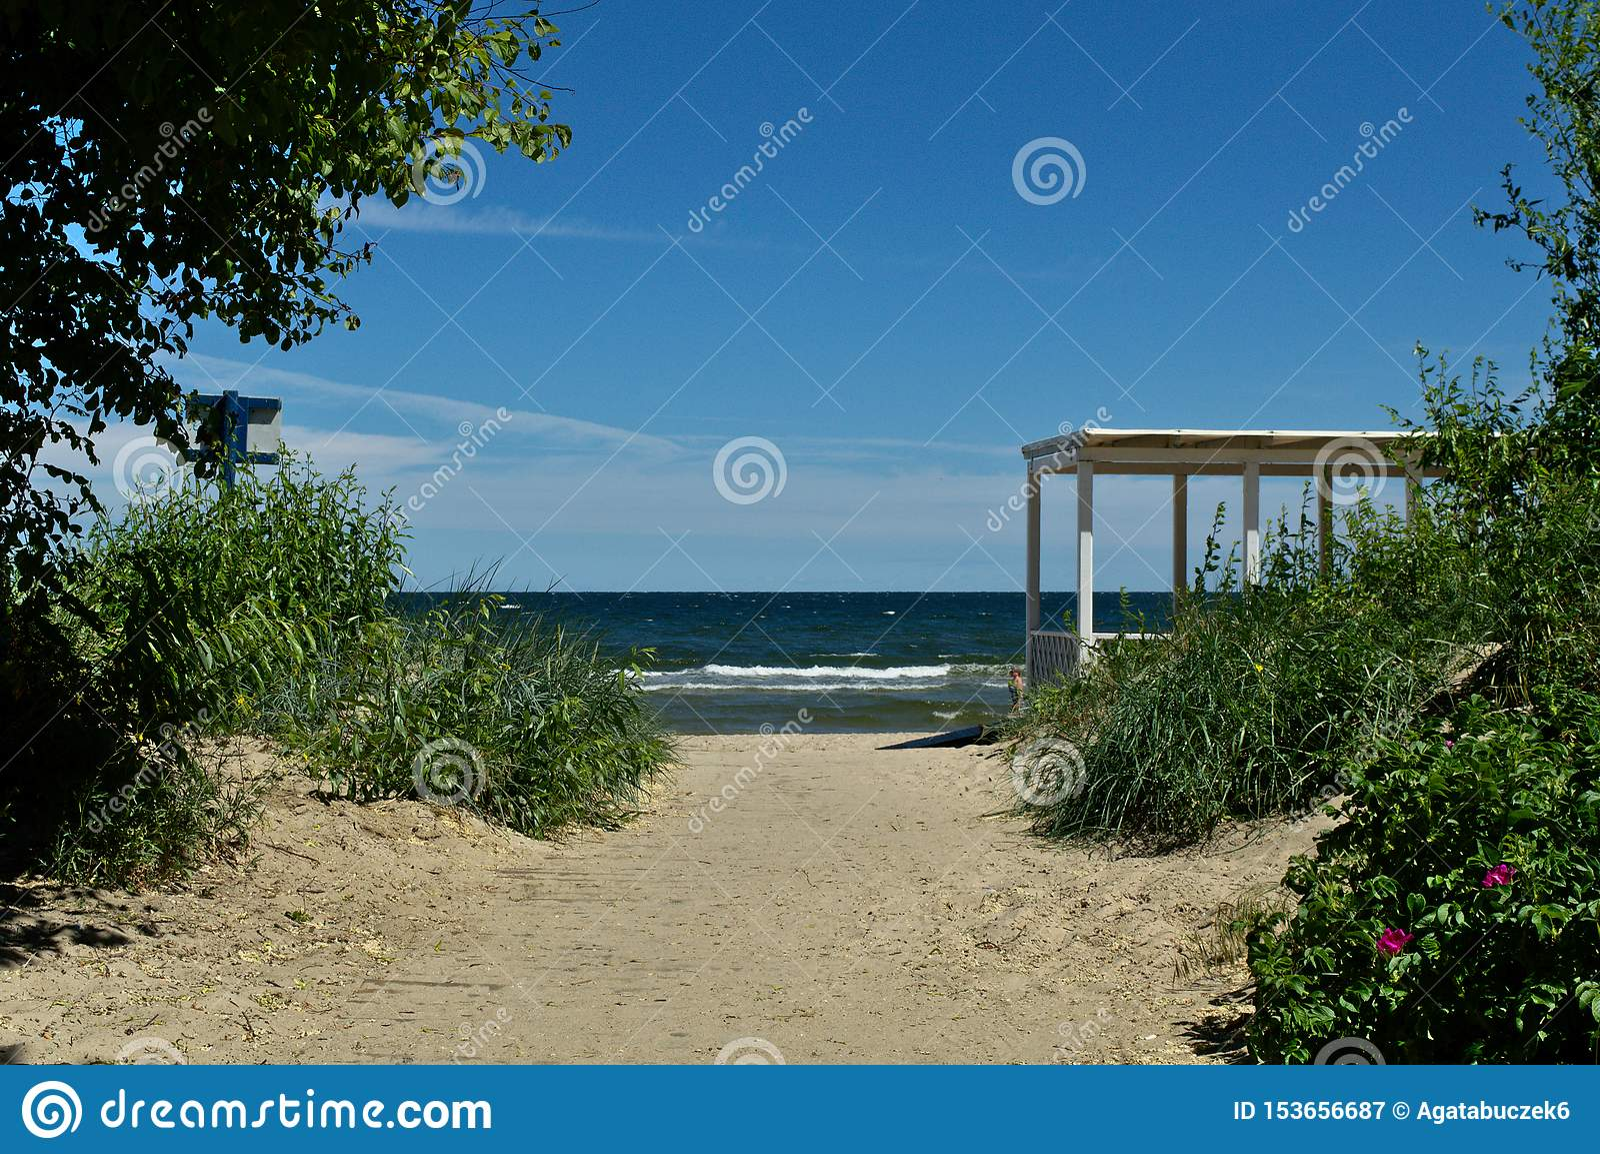 Entrada a la playa con un edificio de madera